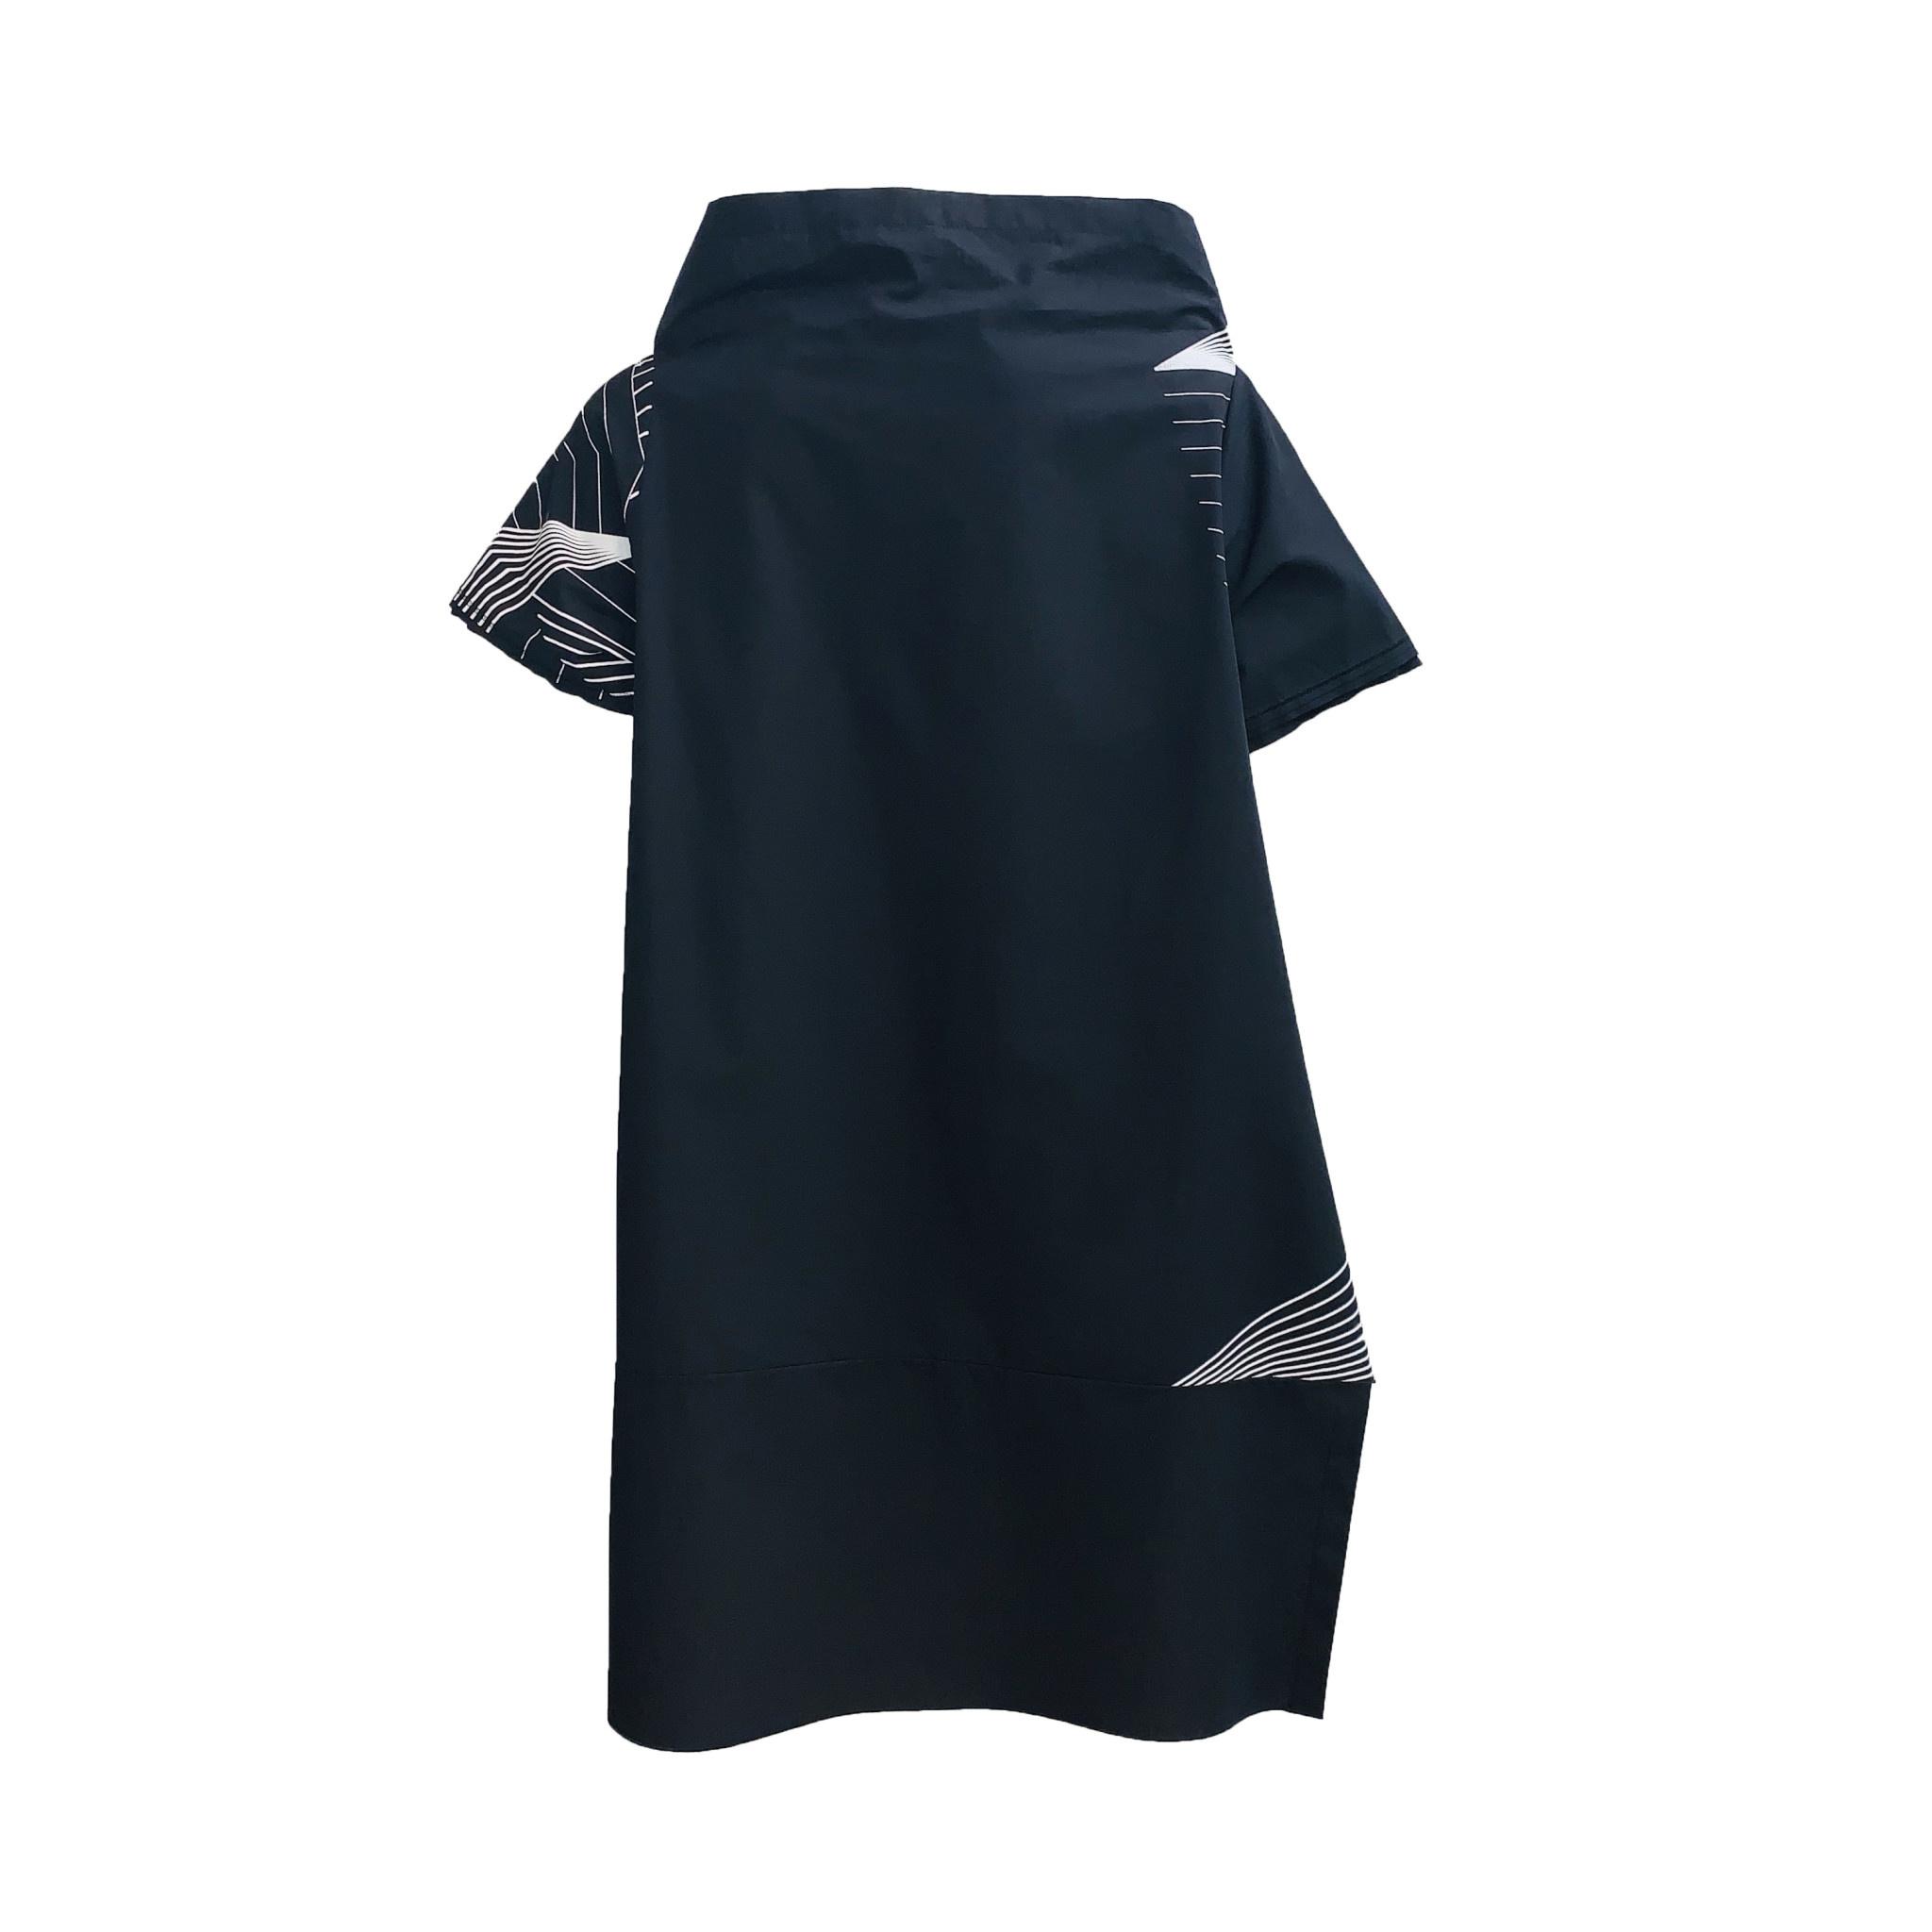 Xenia Xenia Obak Shirt- Black/White